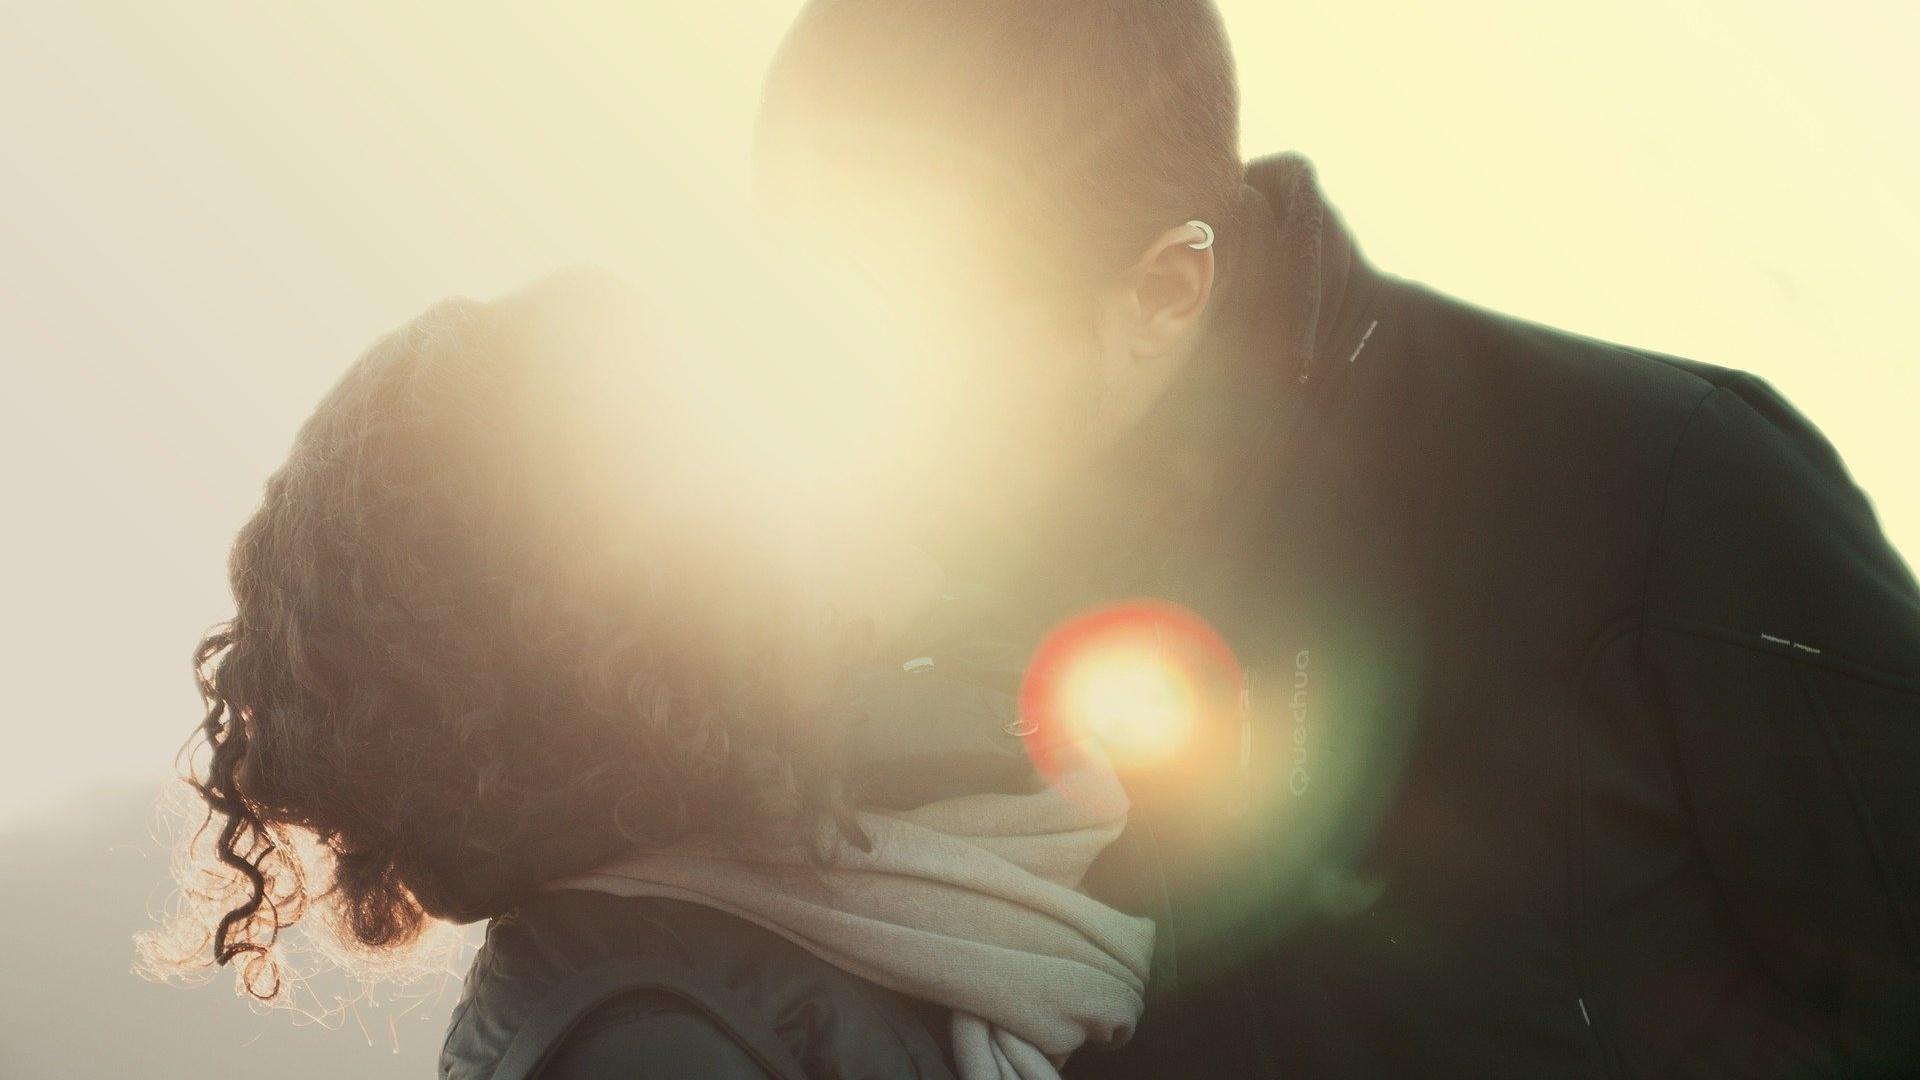 Wie oft sich Paare in einer Beziehung sehen sollten, hängt ganz von deren Bedürfnissen ab.